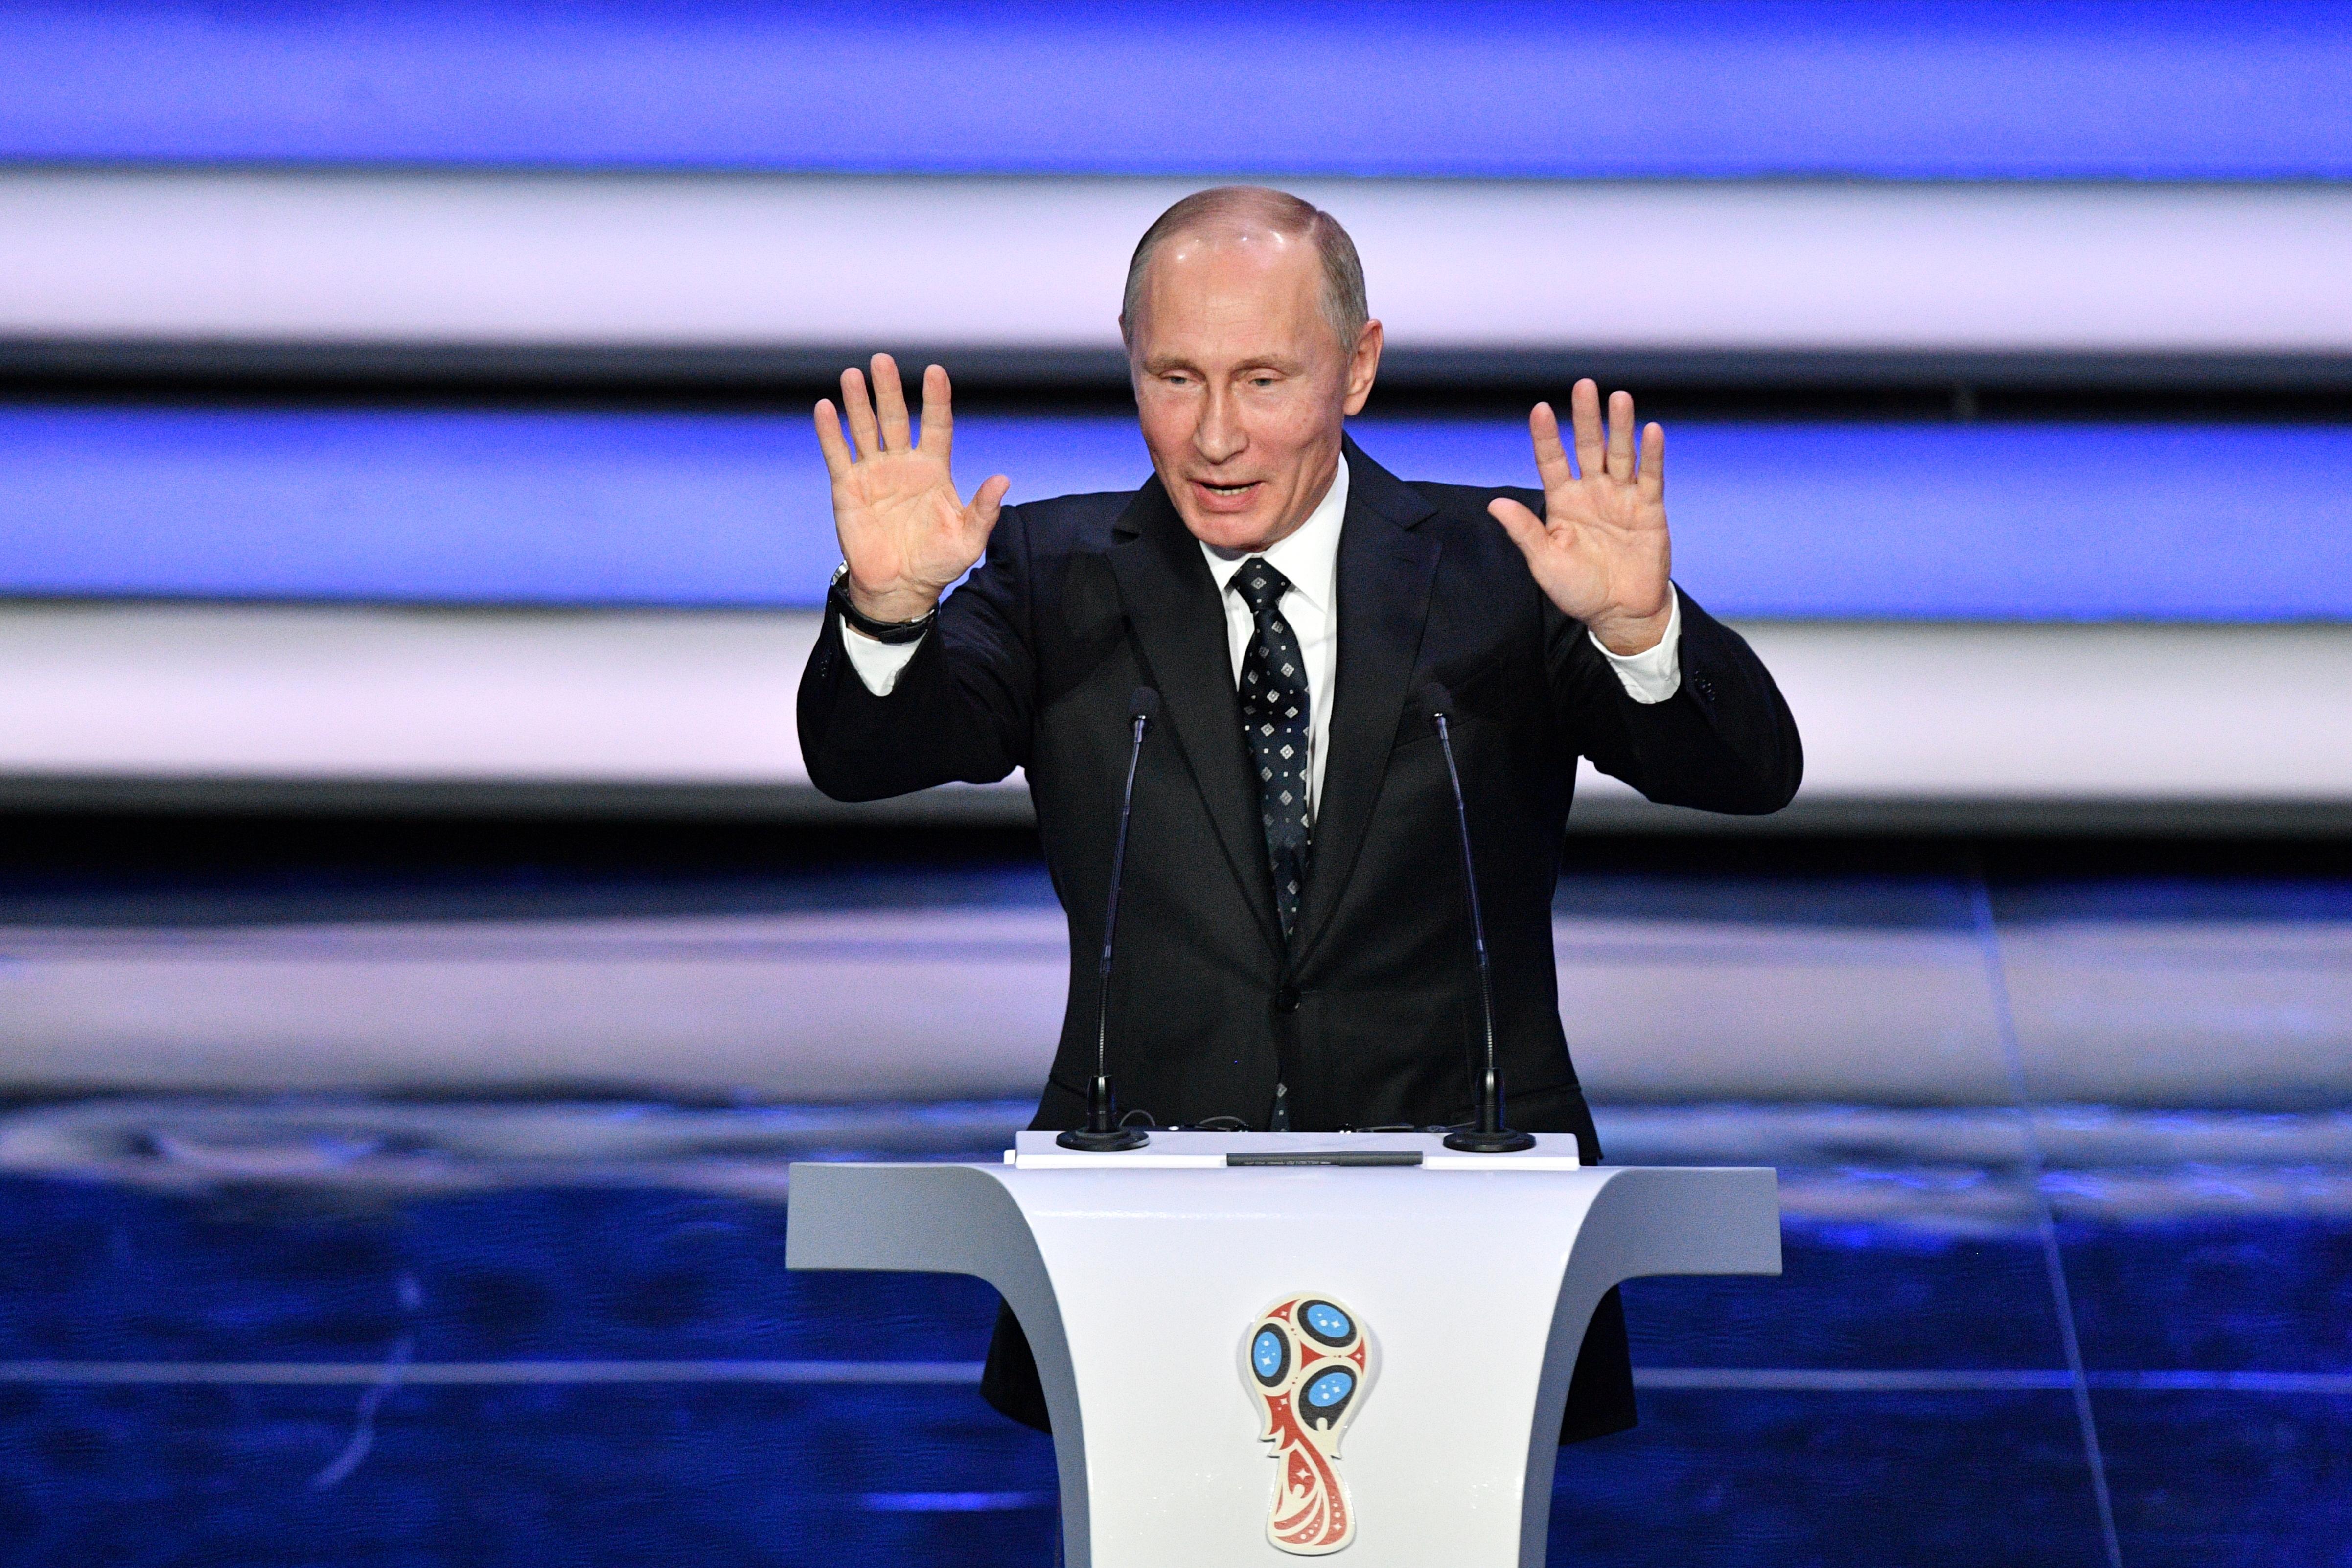 Vicccsoportba került a házigazda Oroszország a világbajnokságon